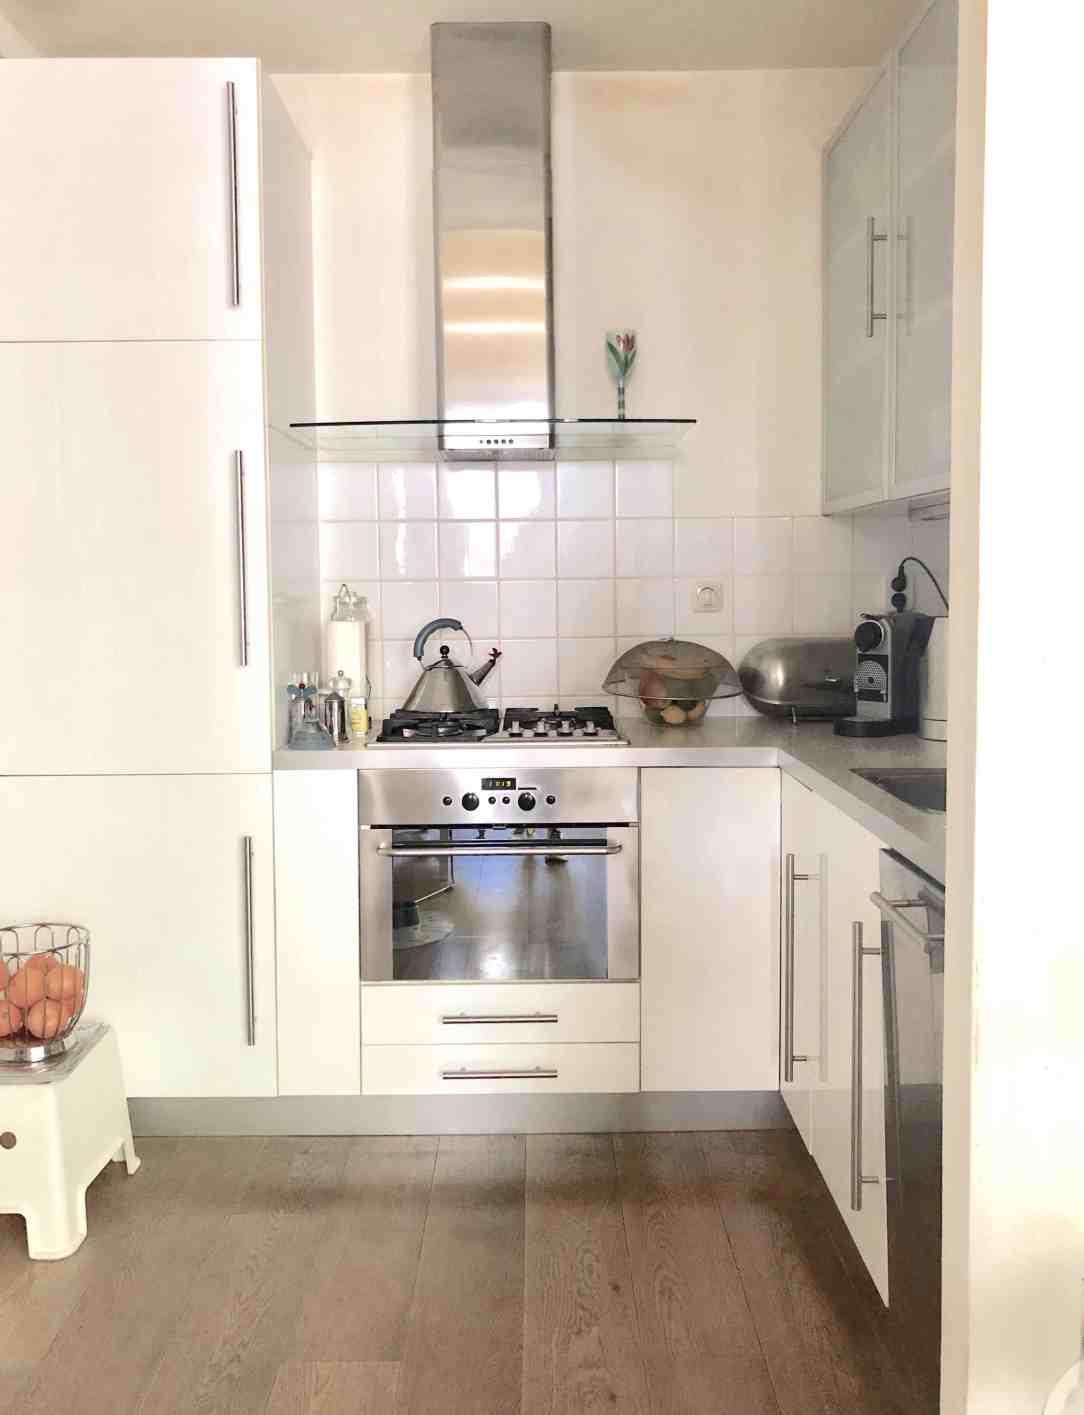 wonen op 55 m2-keuken